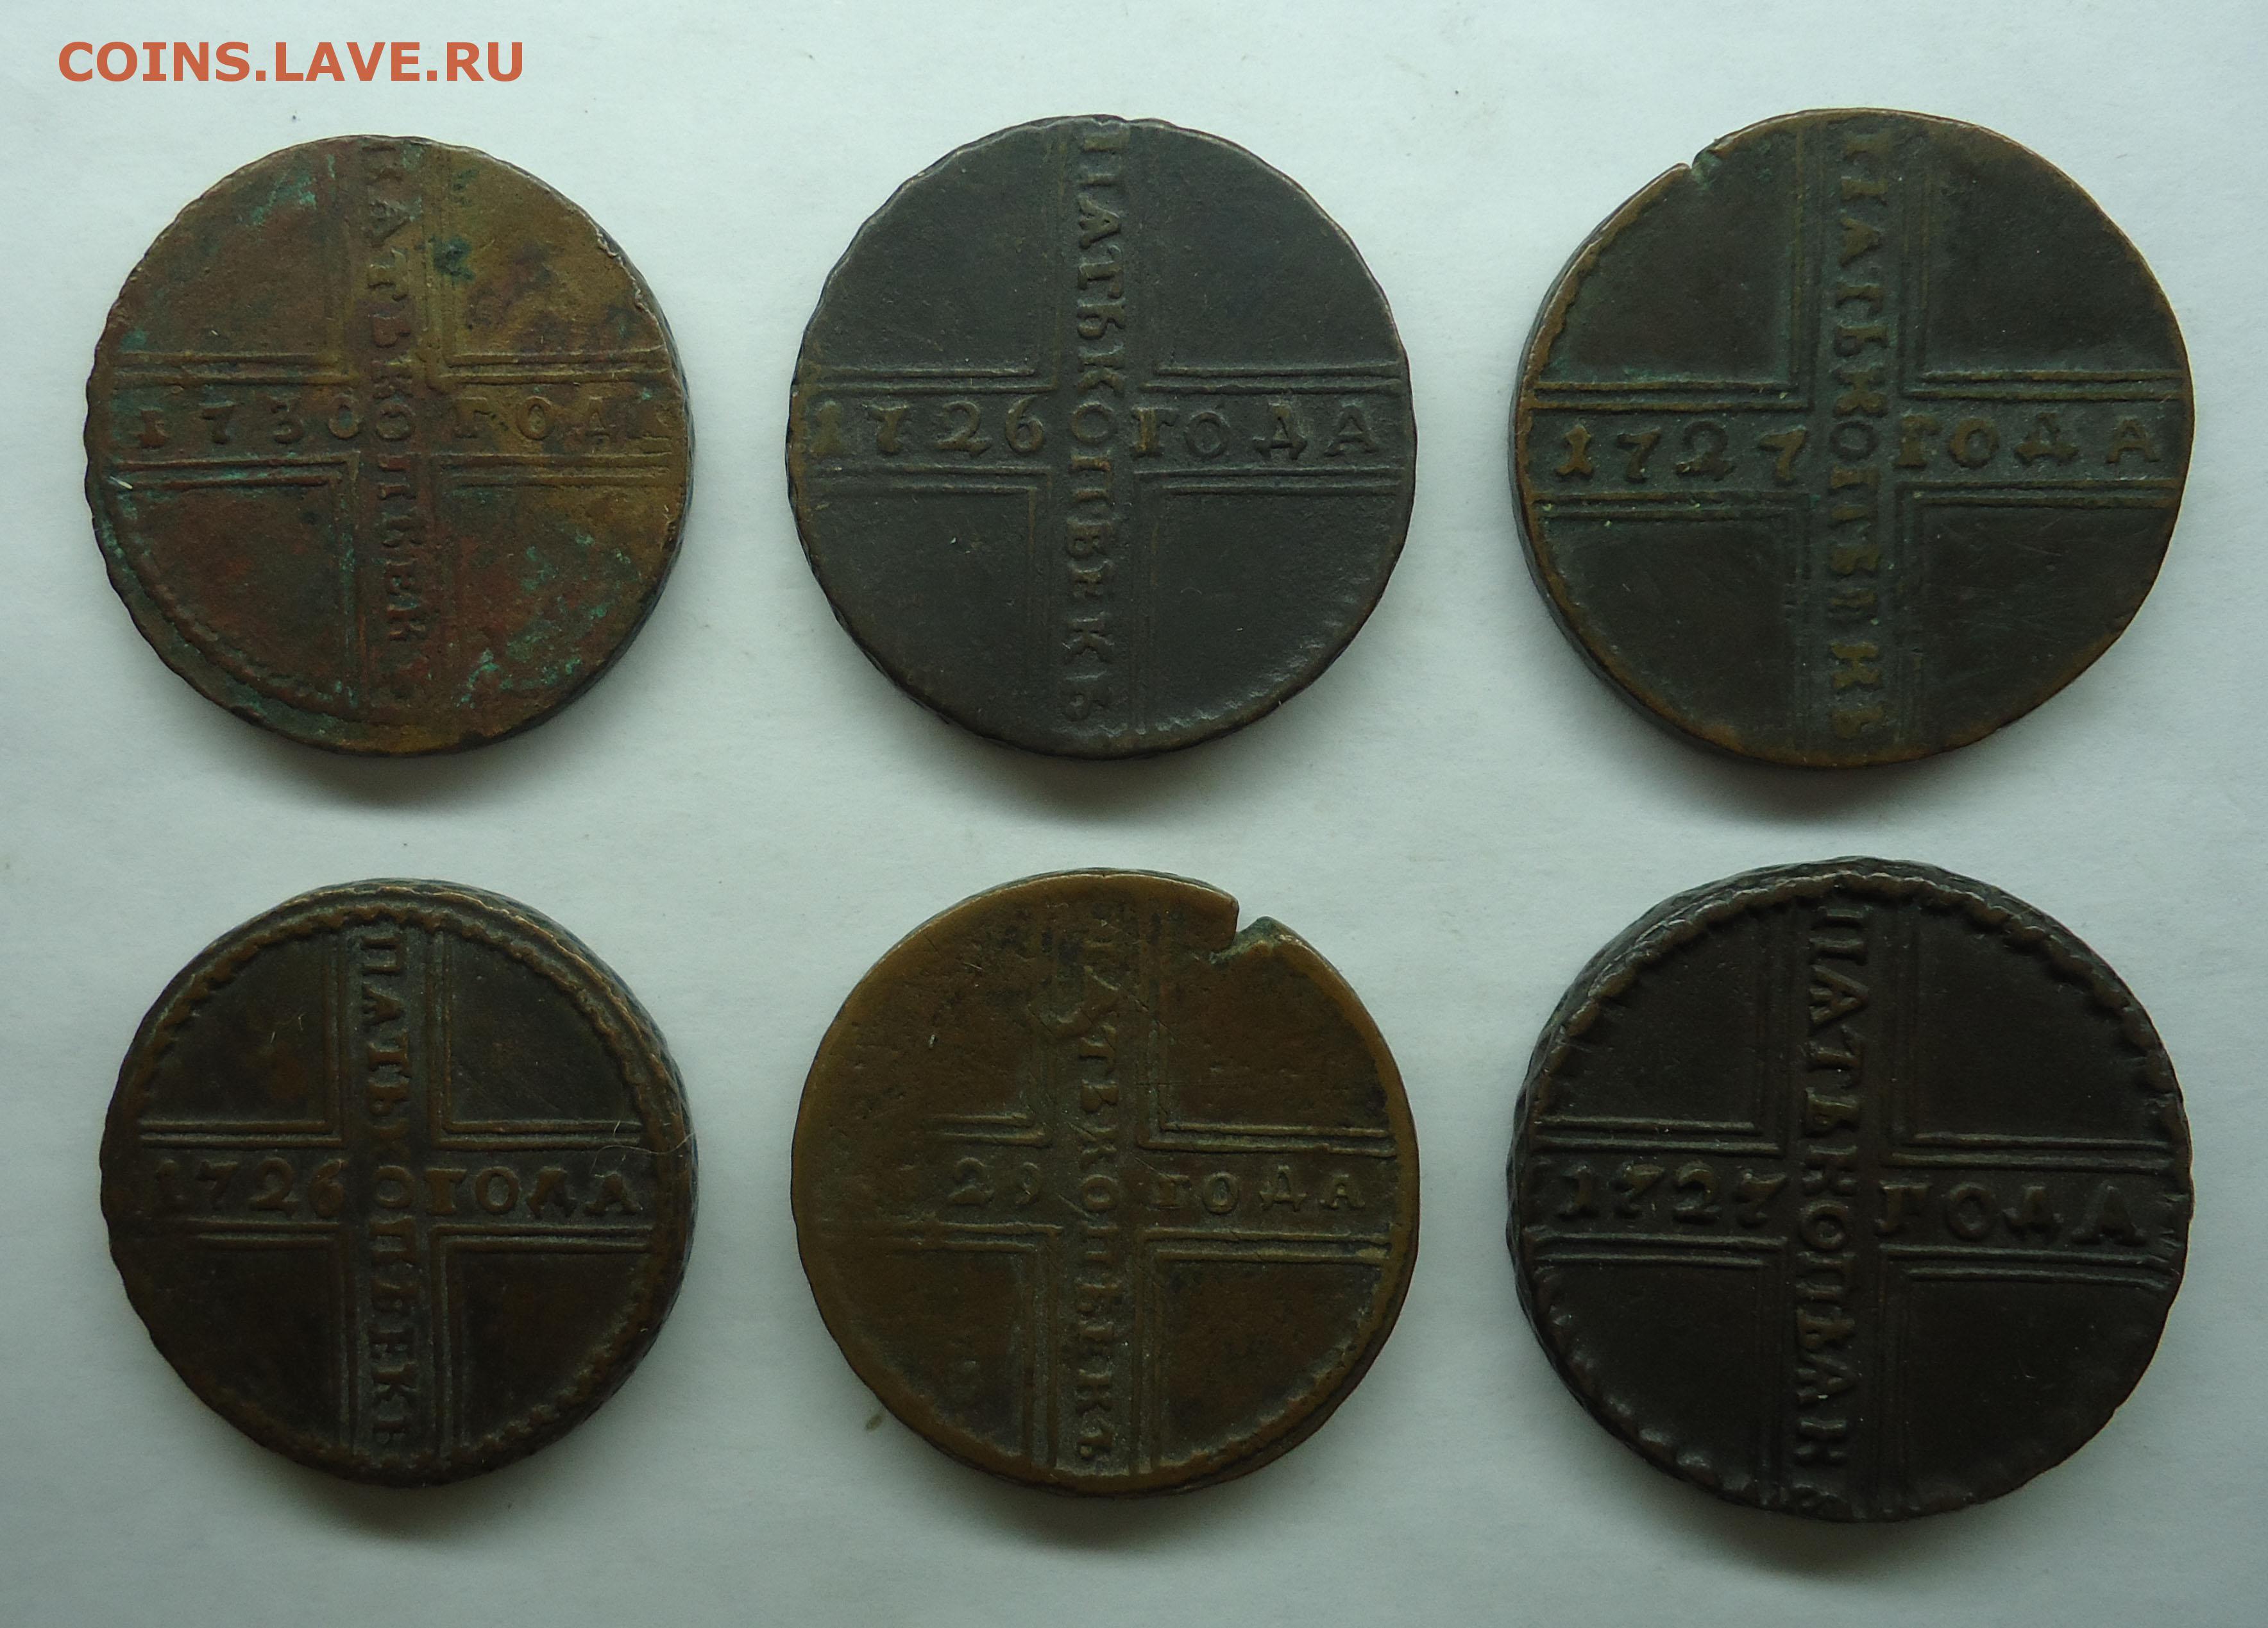 5 копеек крестовики 6 шт. оценка - монеты россии и ссср.